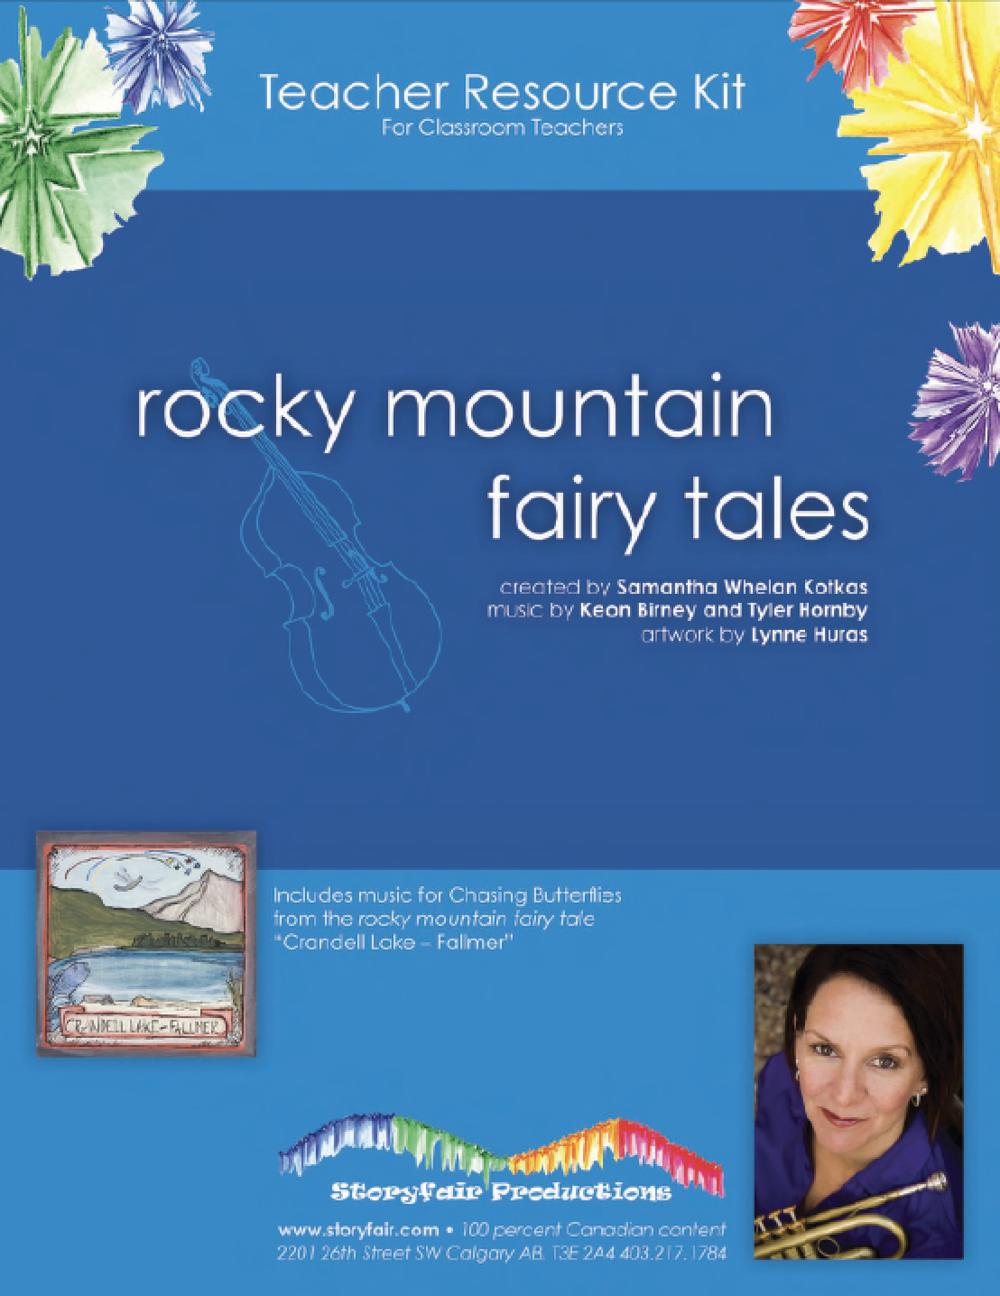 Teacher Resource Kit: rocky mountain fairy tales